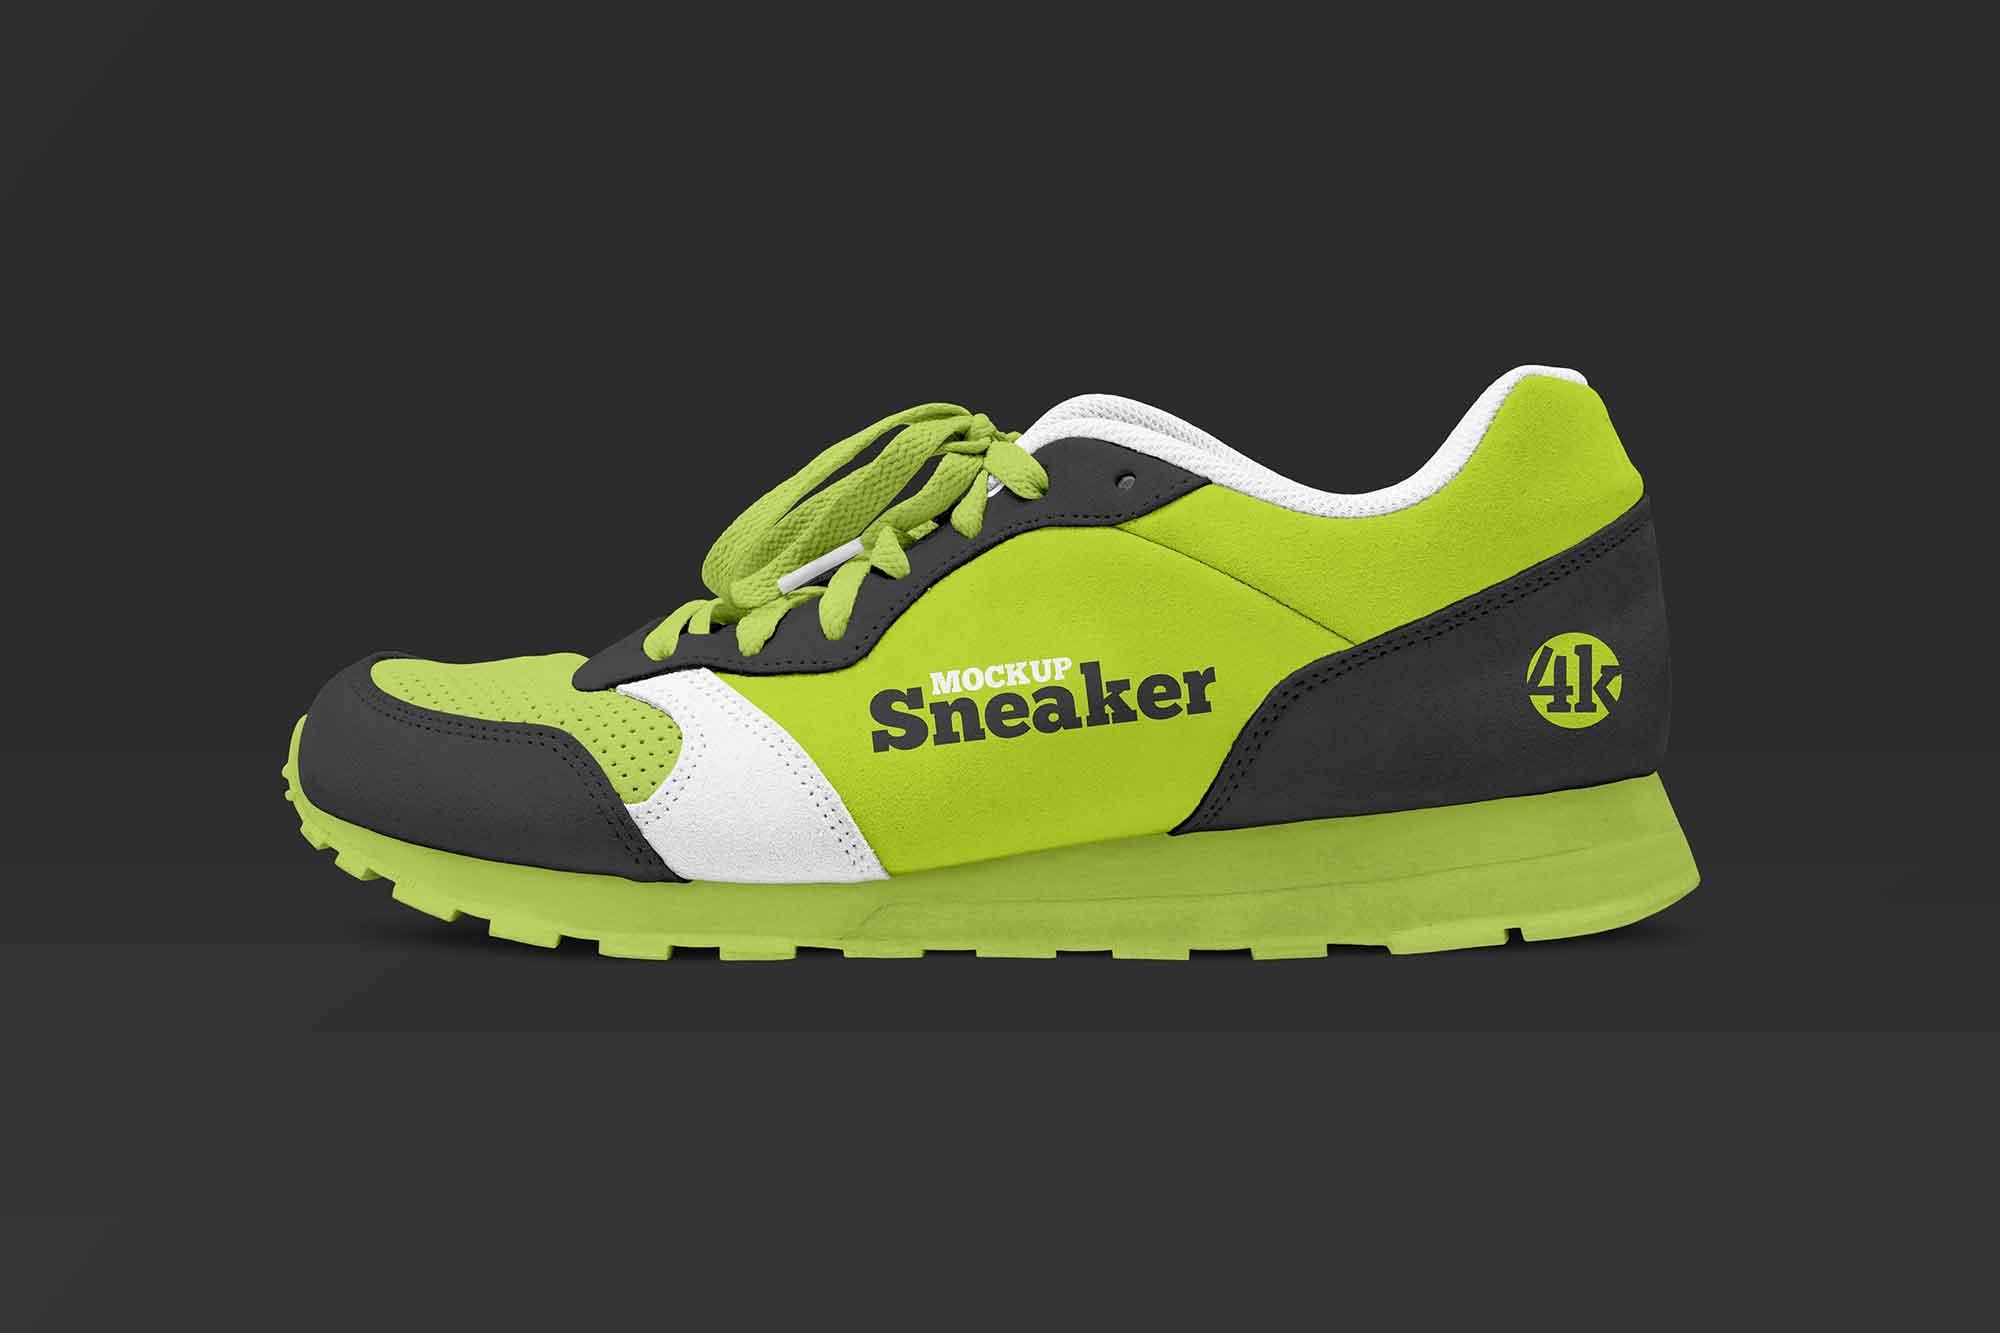 Sneaker Mockup 2